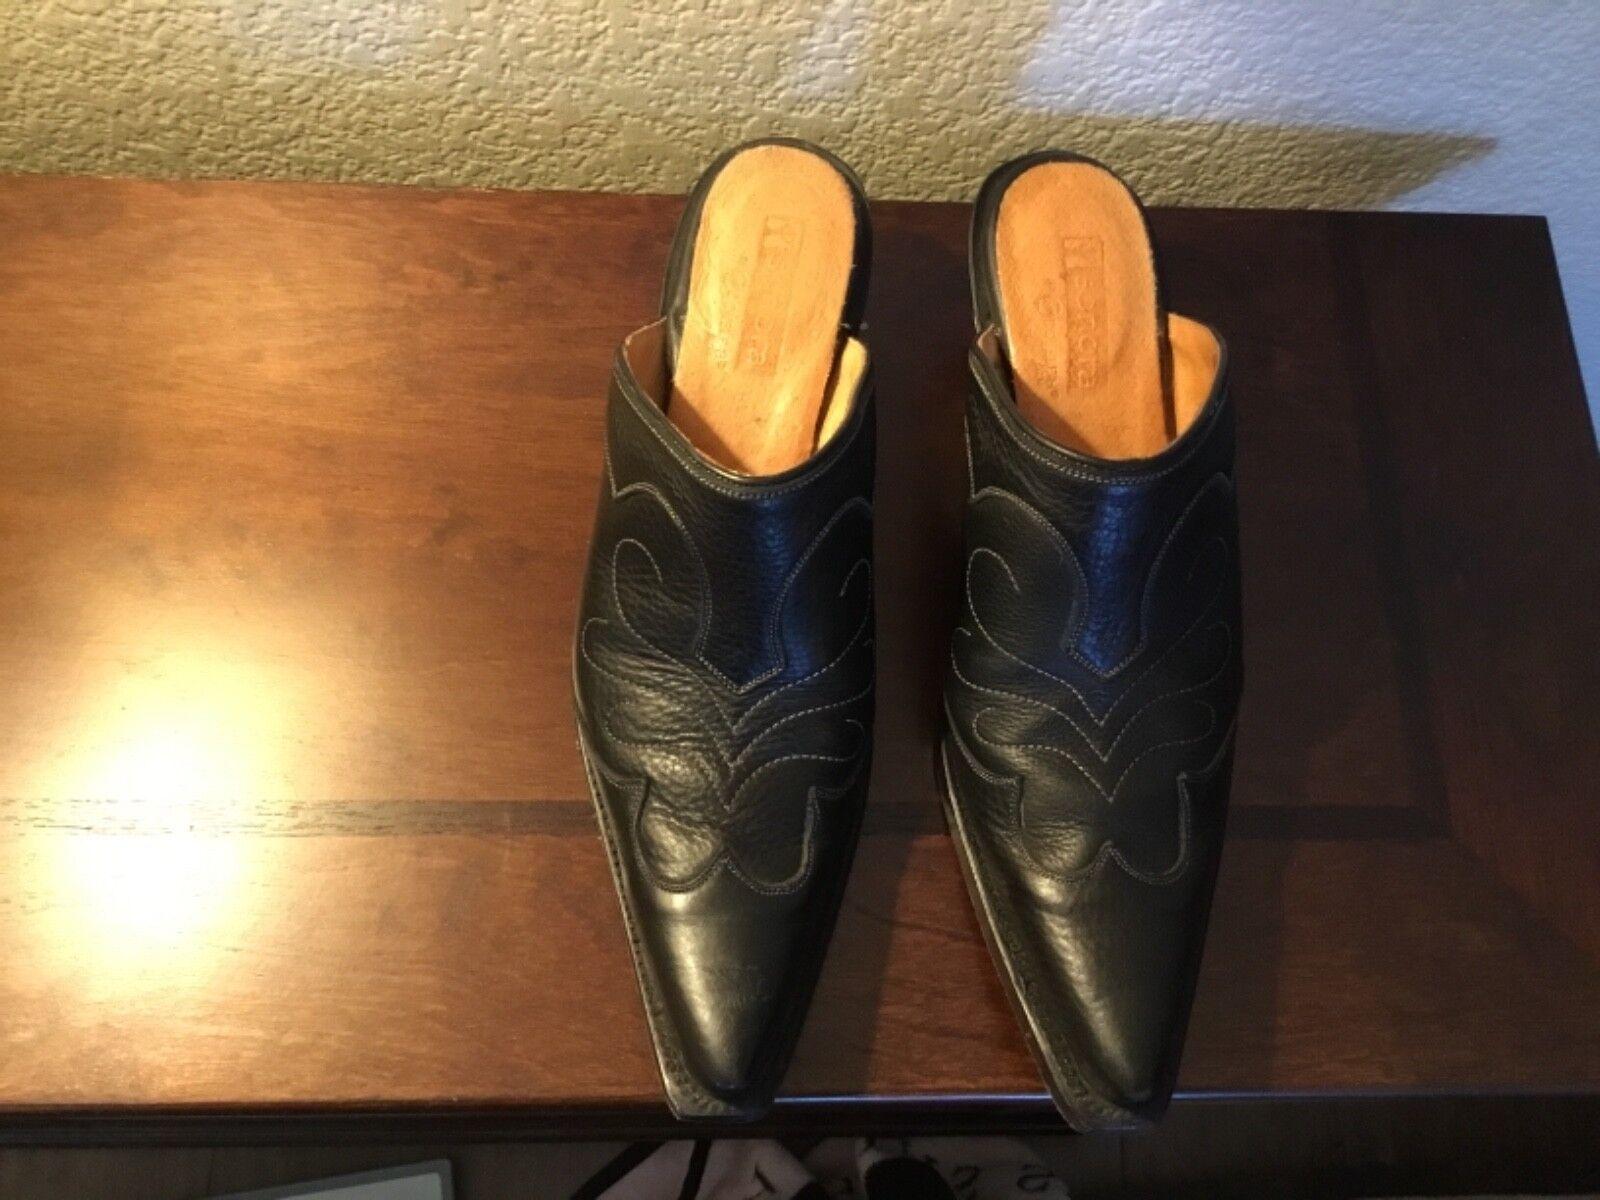 più ordine Donna SONORA stivali- stivali- stivali- Mule sz 7.5 nero. Preowned but in great condition  promozioni di squadra